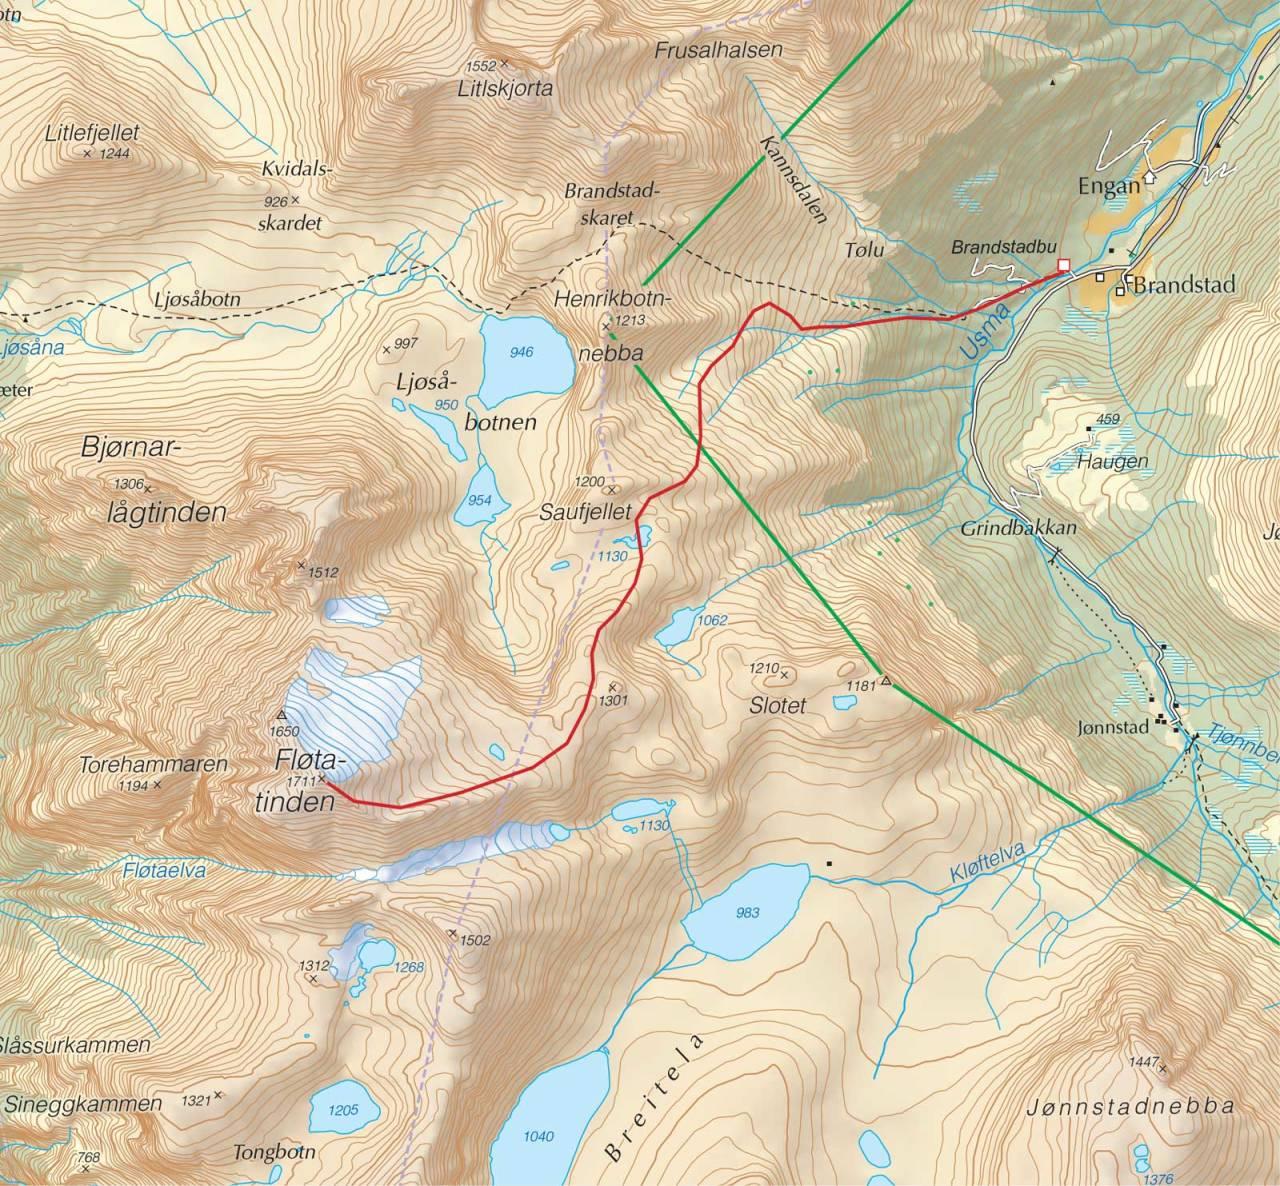 Kart over Fløtatinden med inntegnet rute. Fra Trygge toppturer.